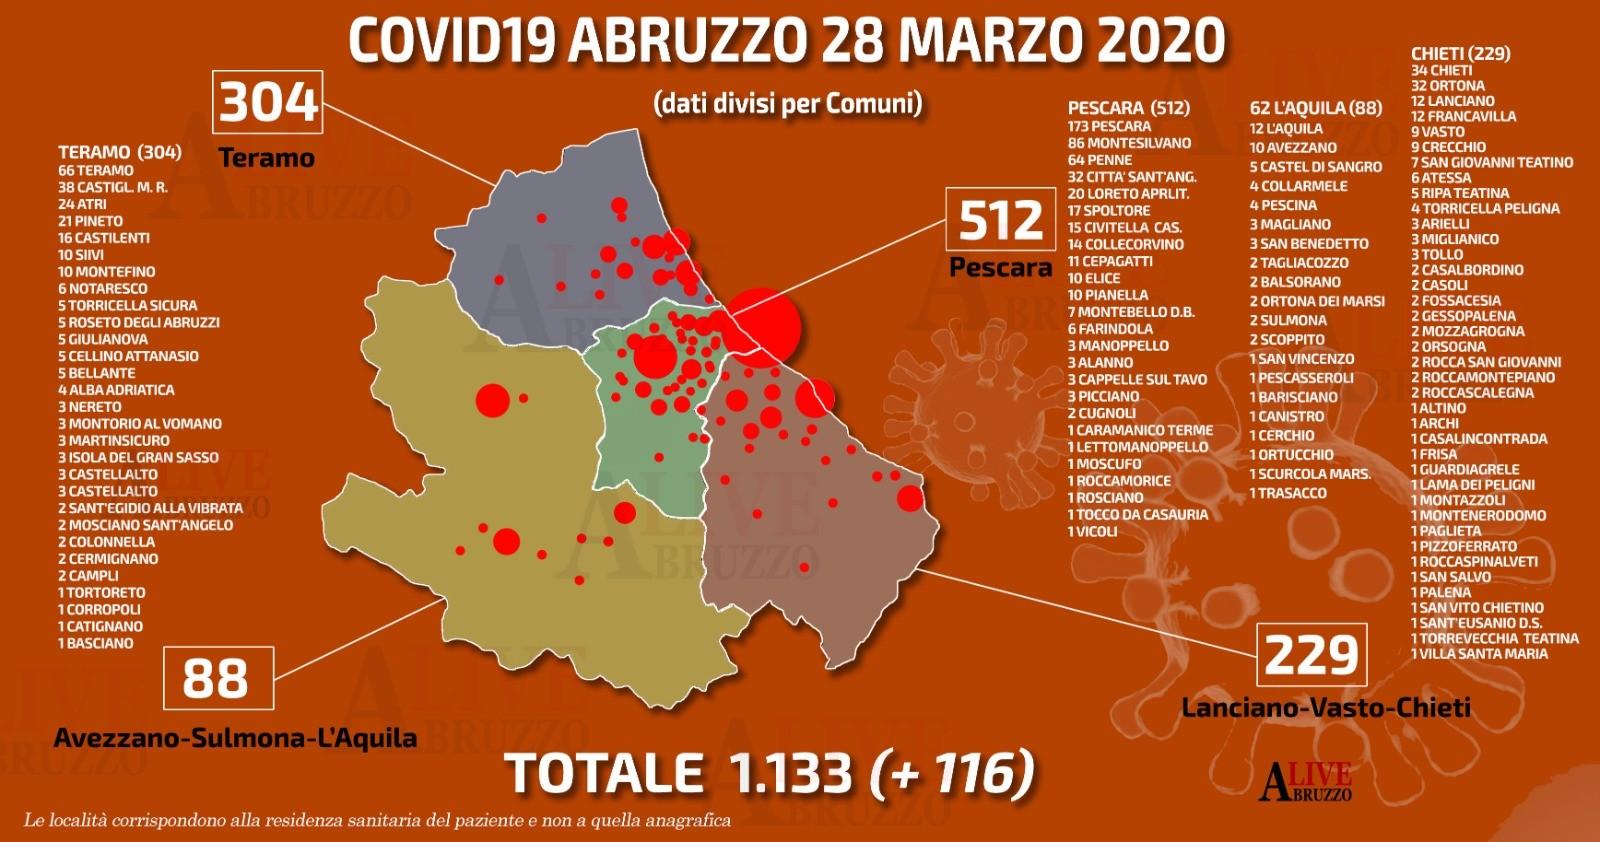 Cartina Dettagliata Abruzzo.Covid19 Abruzzo Mappa Comune Per Comune Il Martino